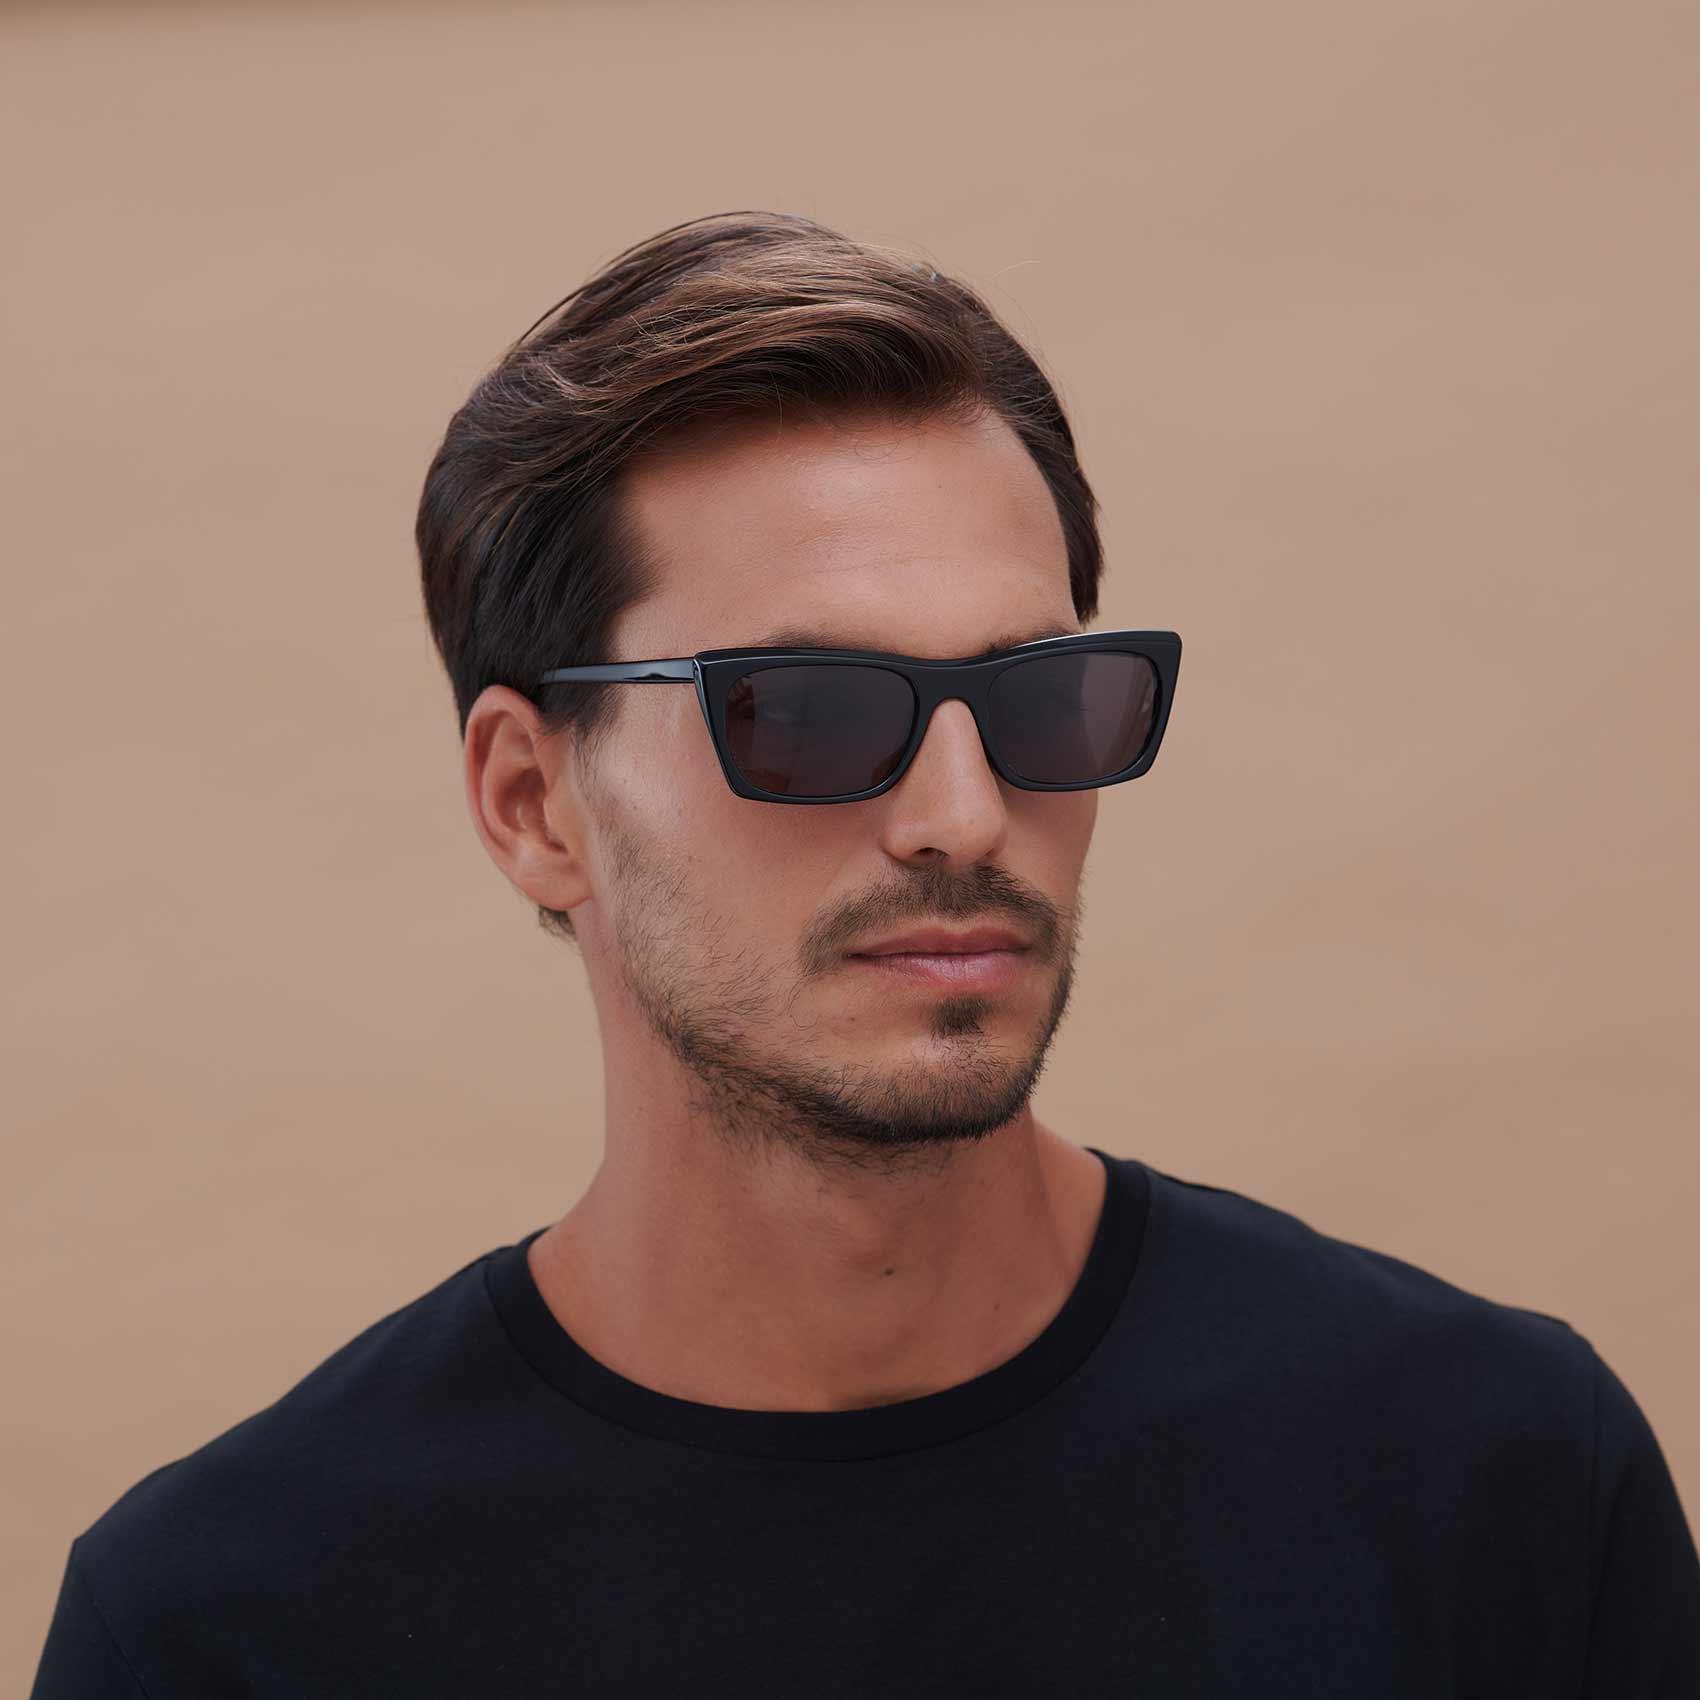 Proud Eyewear Black Malvarrosa Compostable Frame Sunglasses